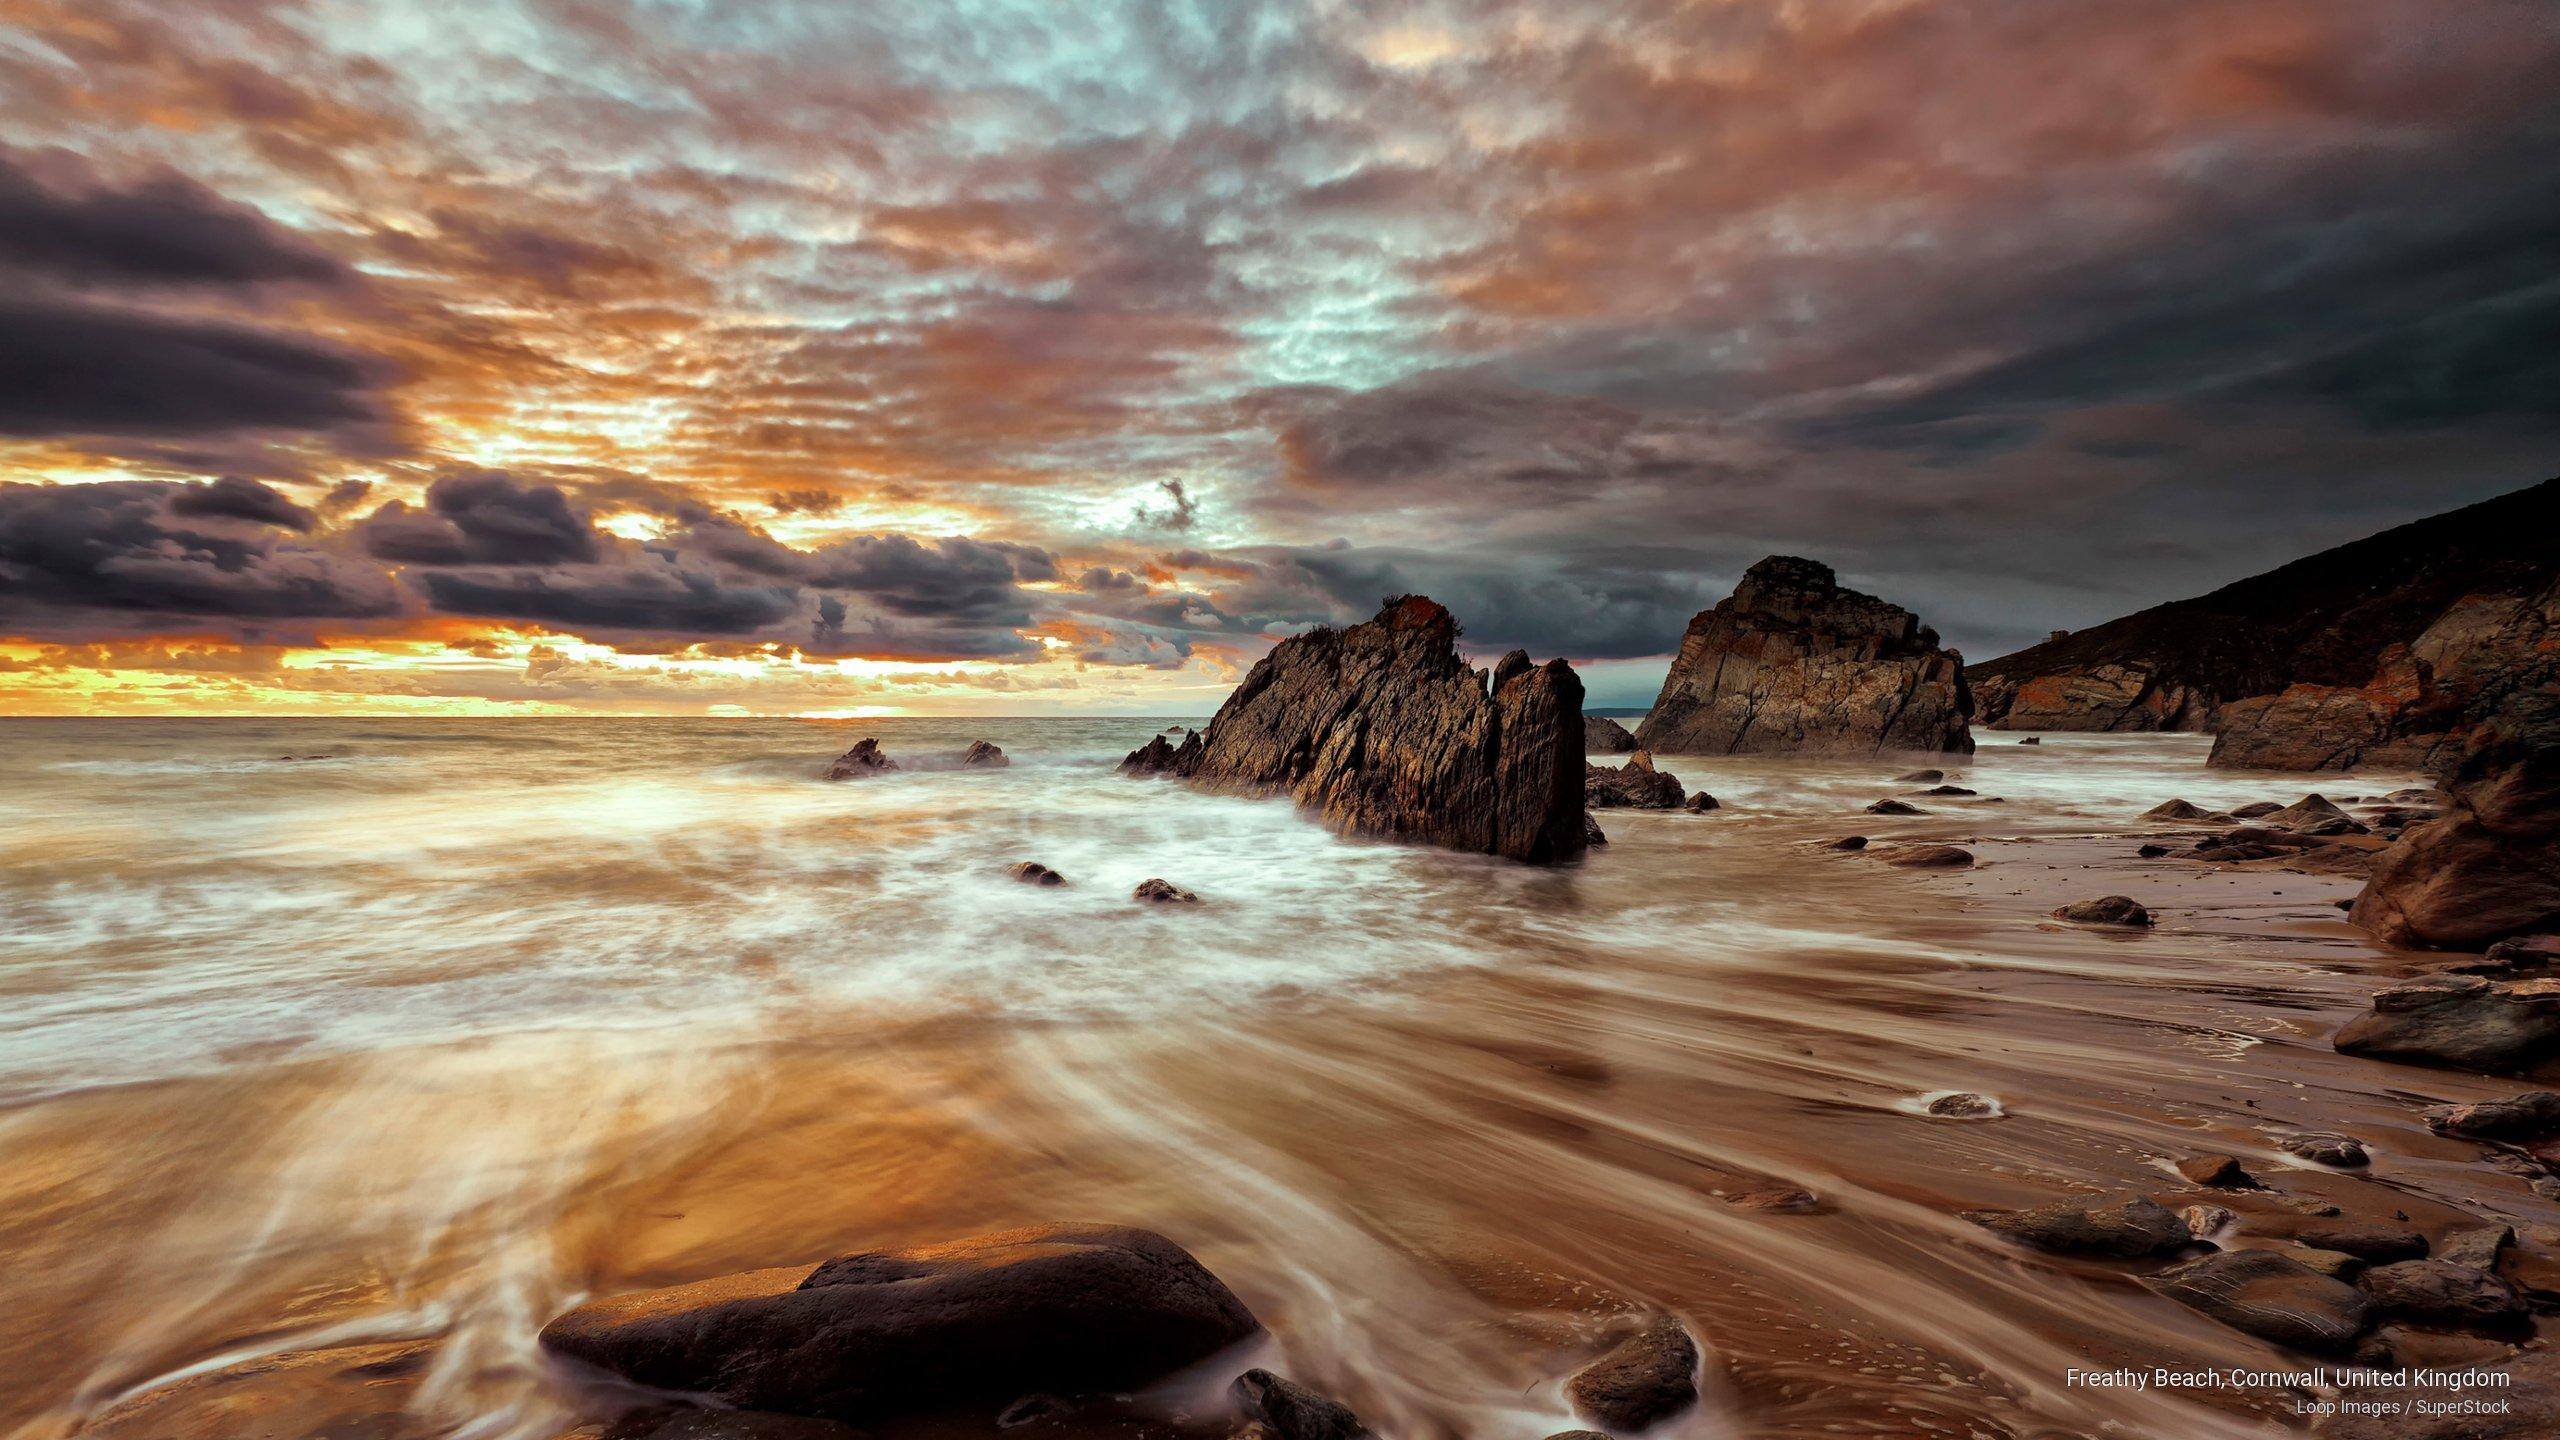 Freathy Beach, Cornwall, United Kingdom